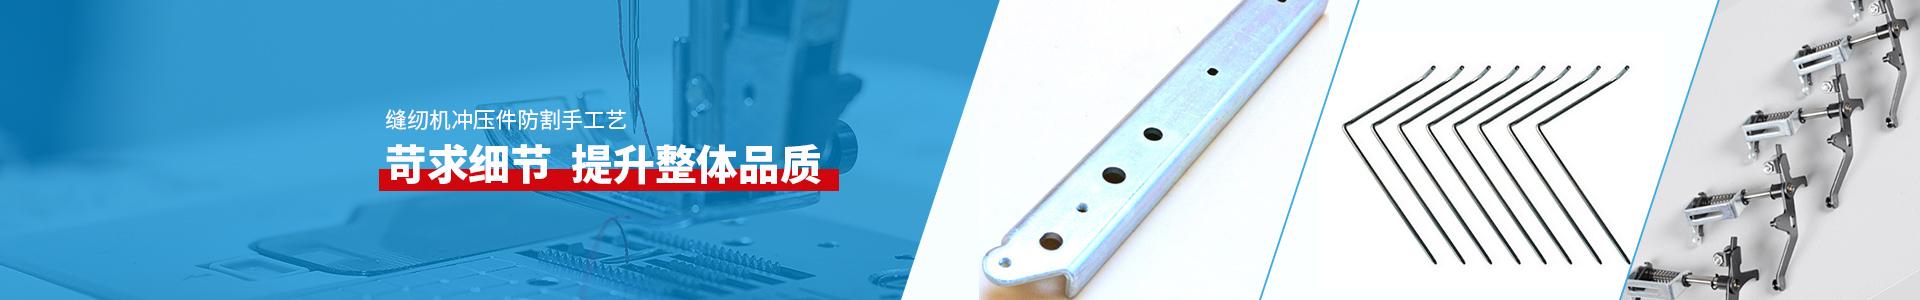 隆杰机电缝纫机冲压件防割手工艺,苛求细节,提升整体品质